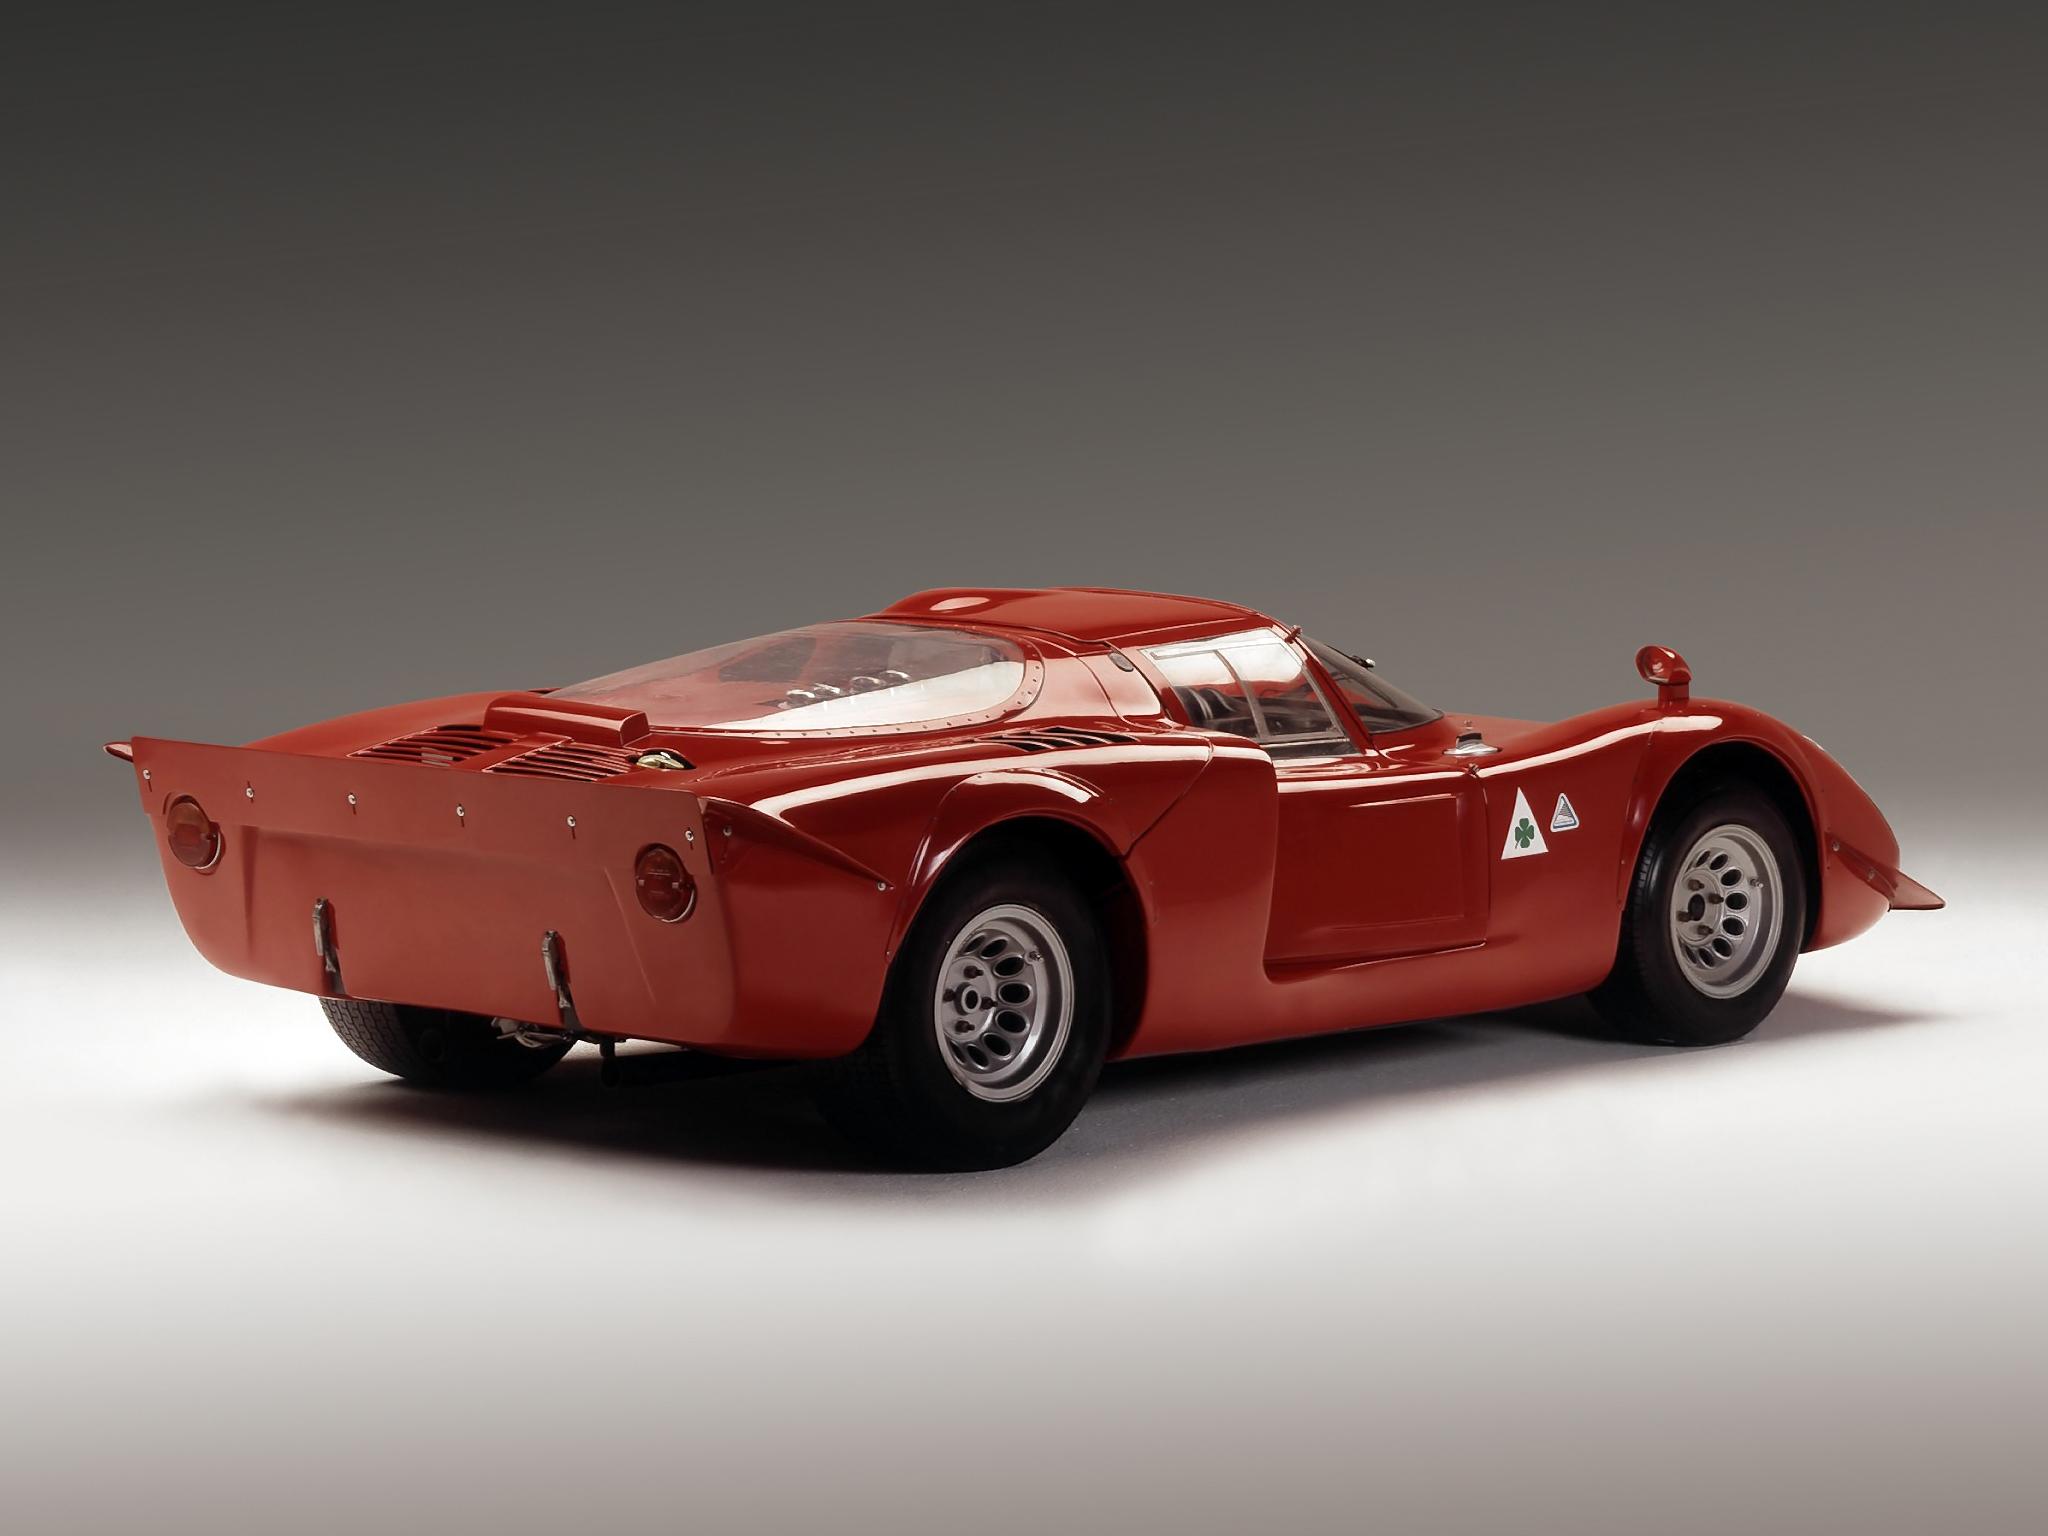 Alfa romeo spider vintage cars 17